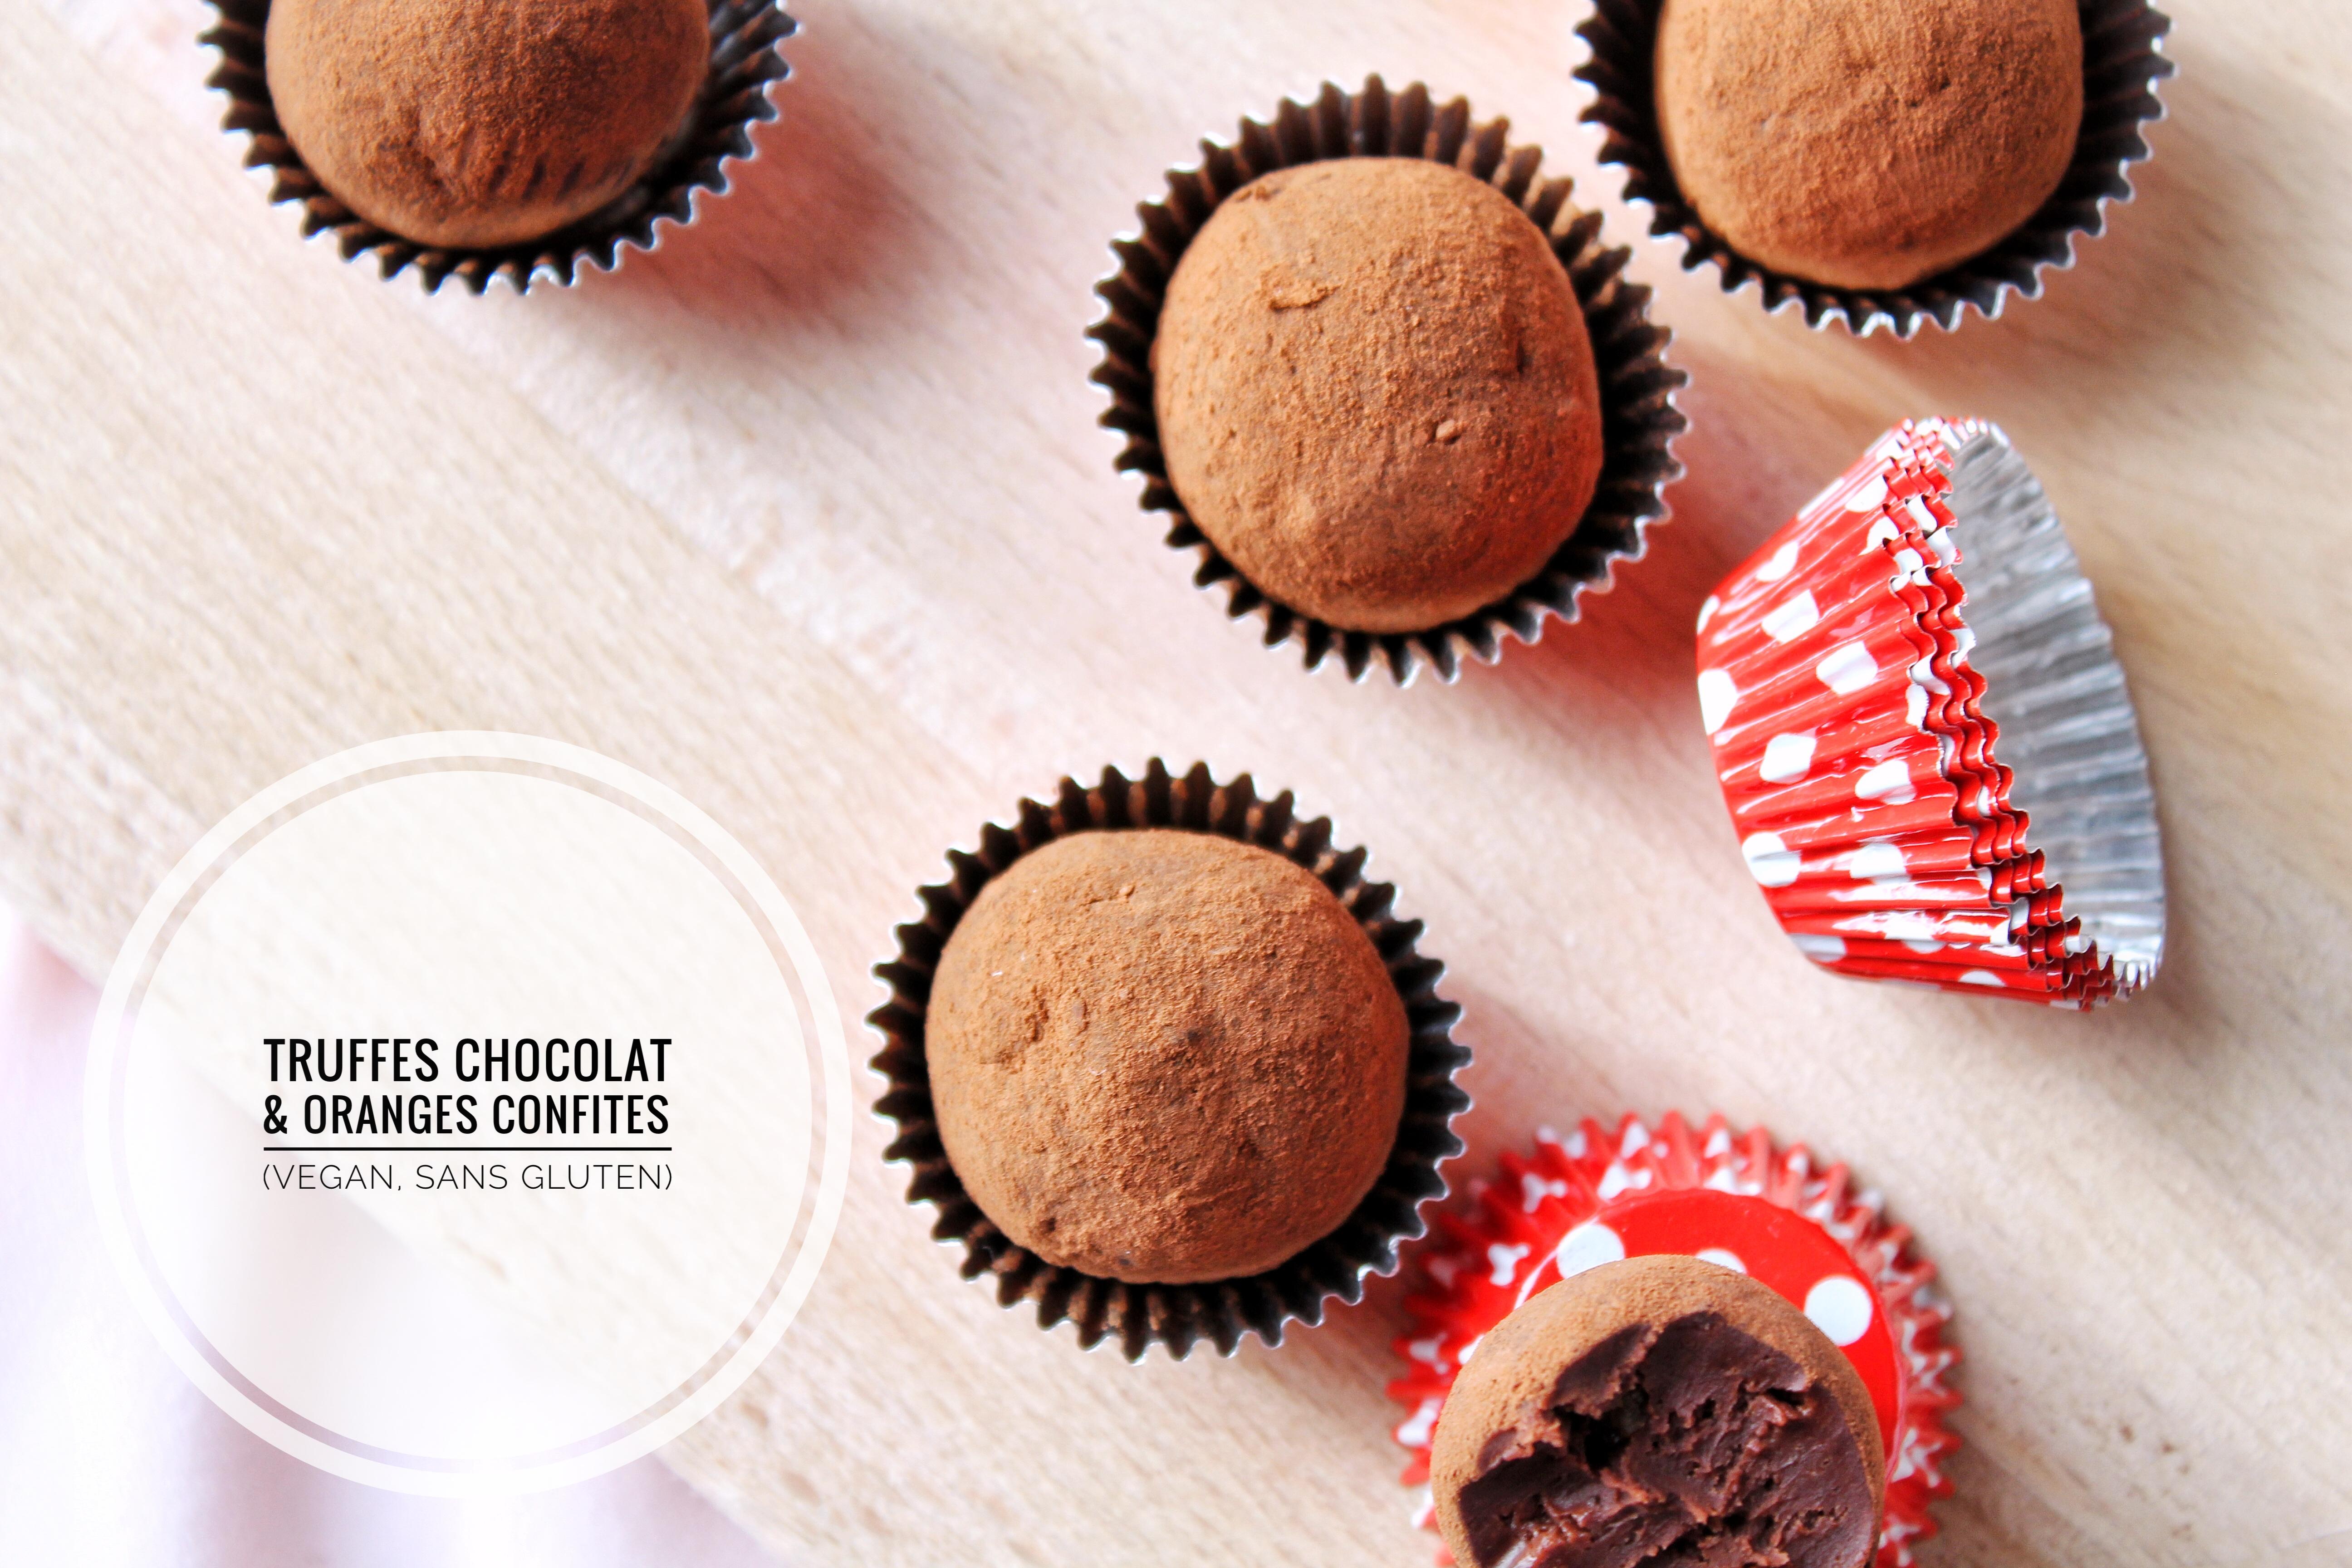 Truffes chocolat et oranges confites vegan, sans gluten, sans lactose